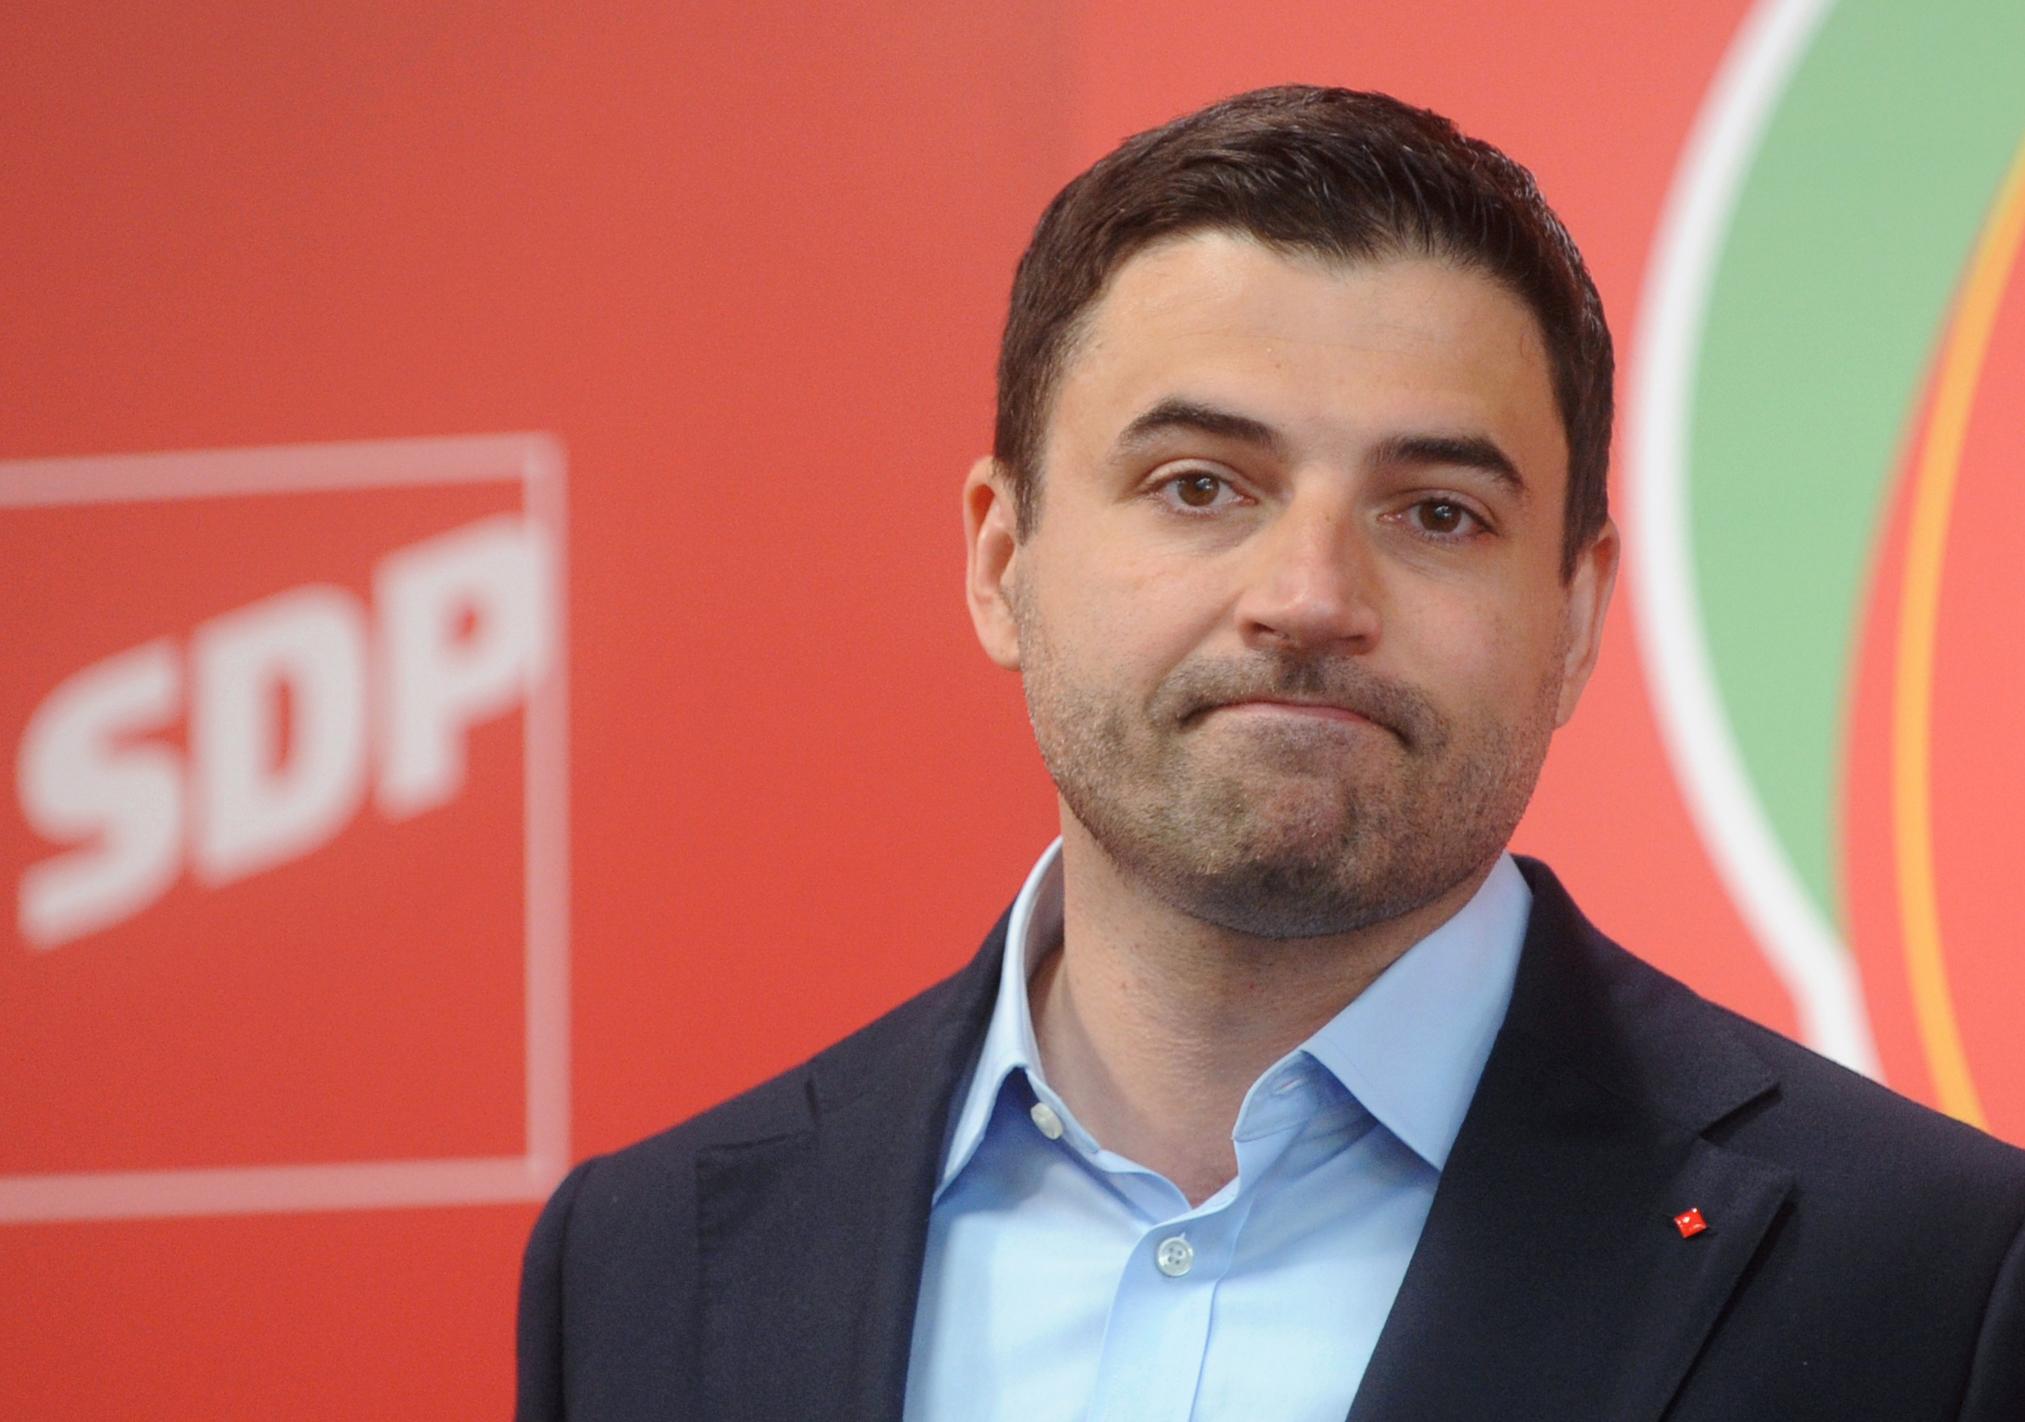 Davor Bernardić / Snimio Darko JELINEK